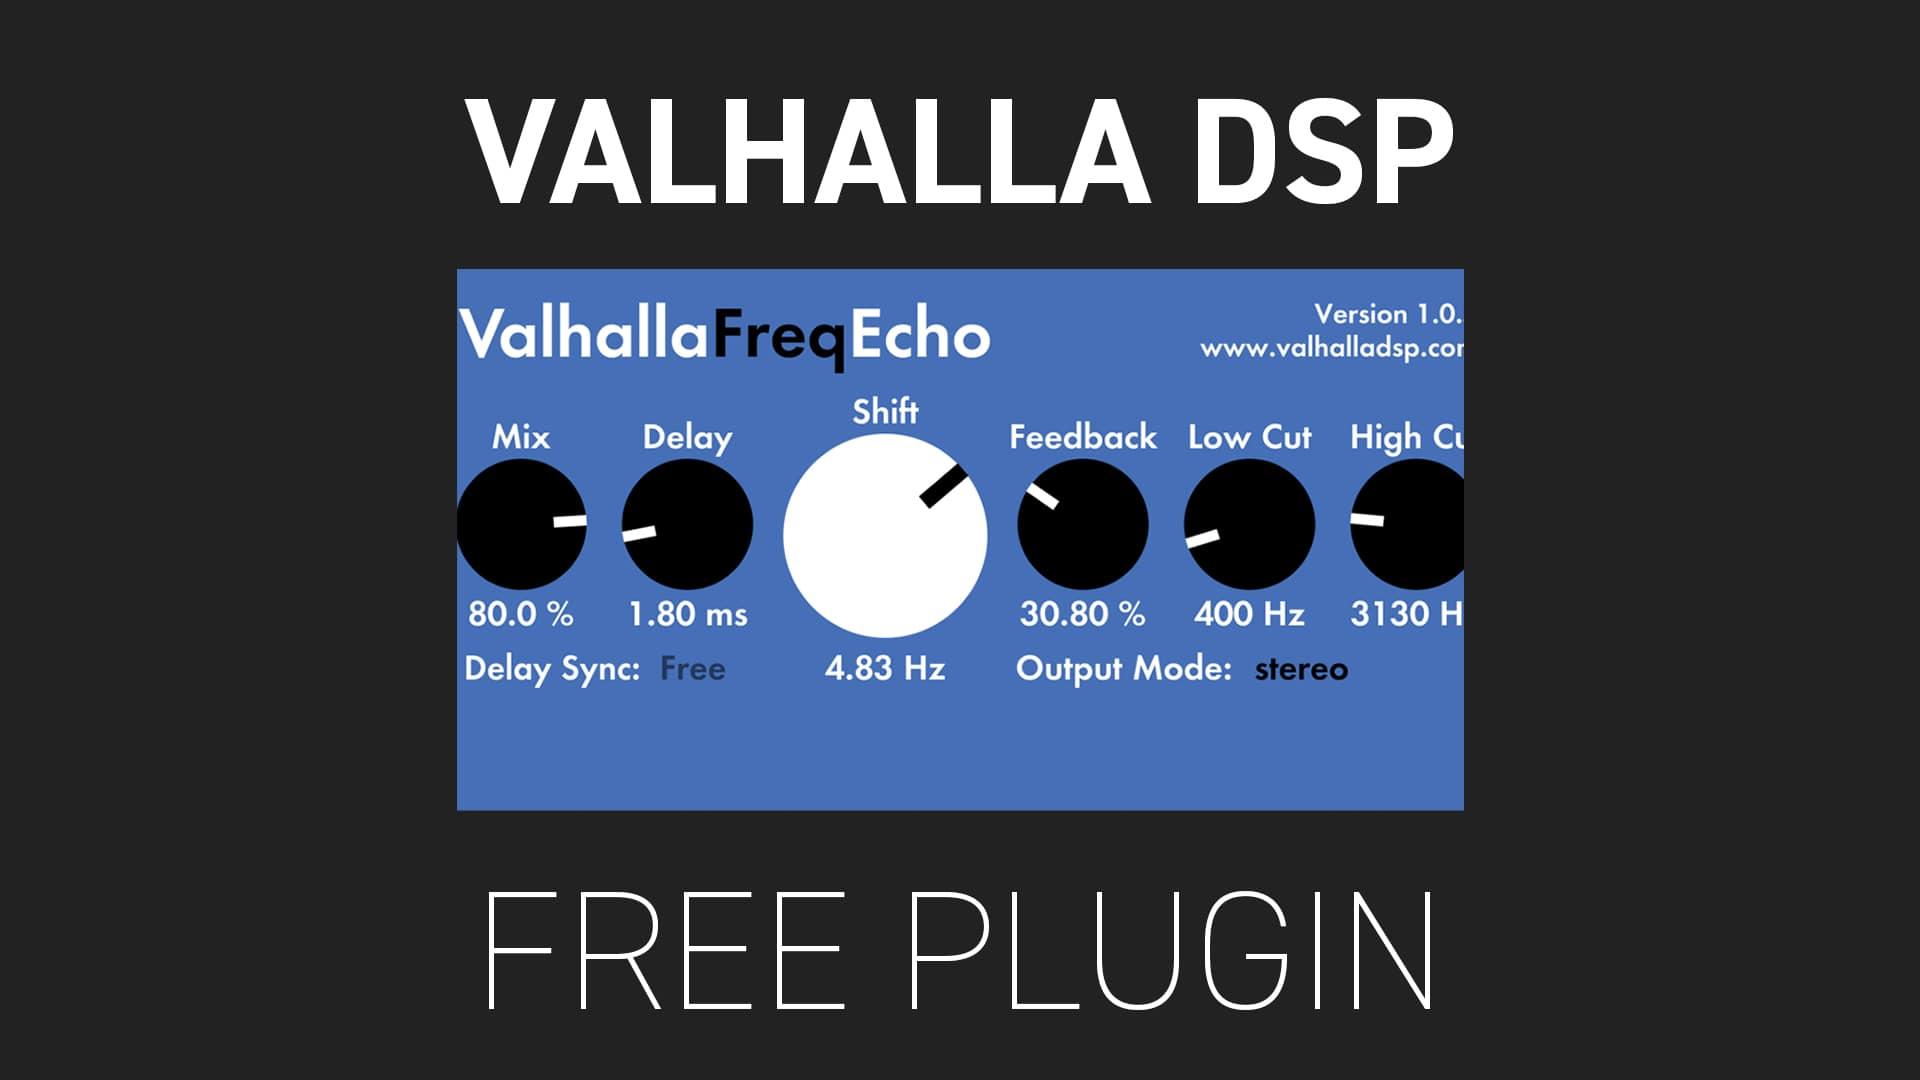 Valhalla DSP FreqEcho Free Plugin